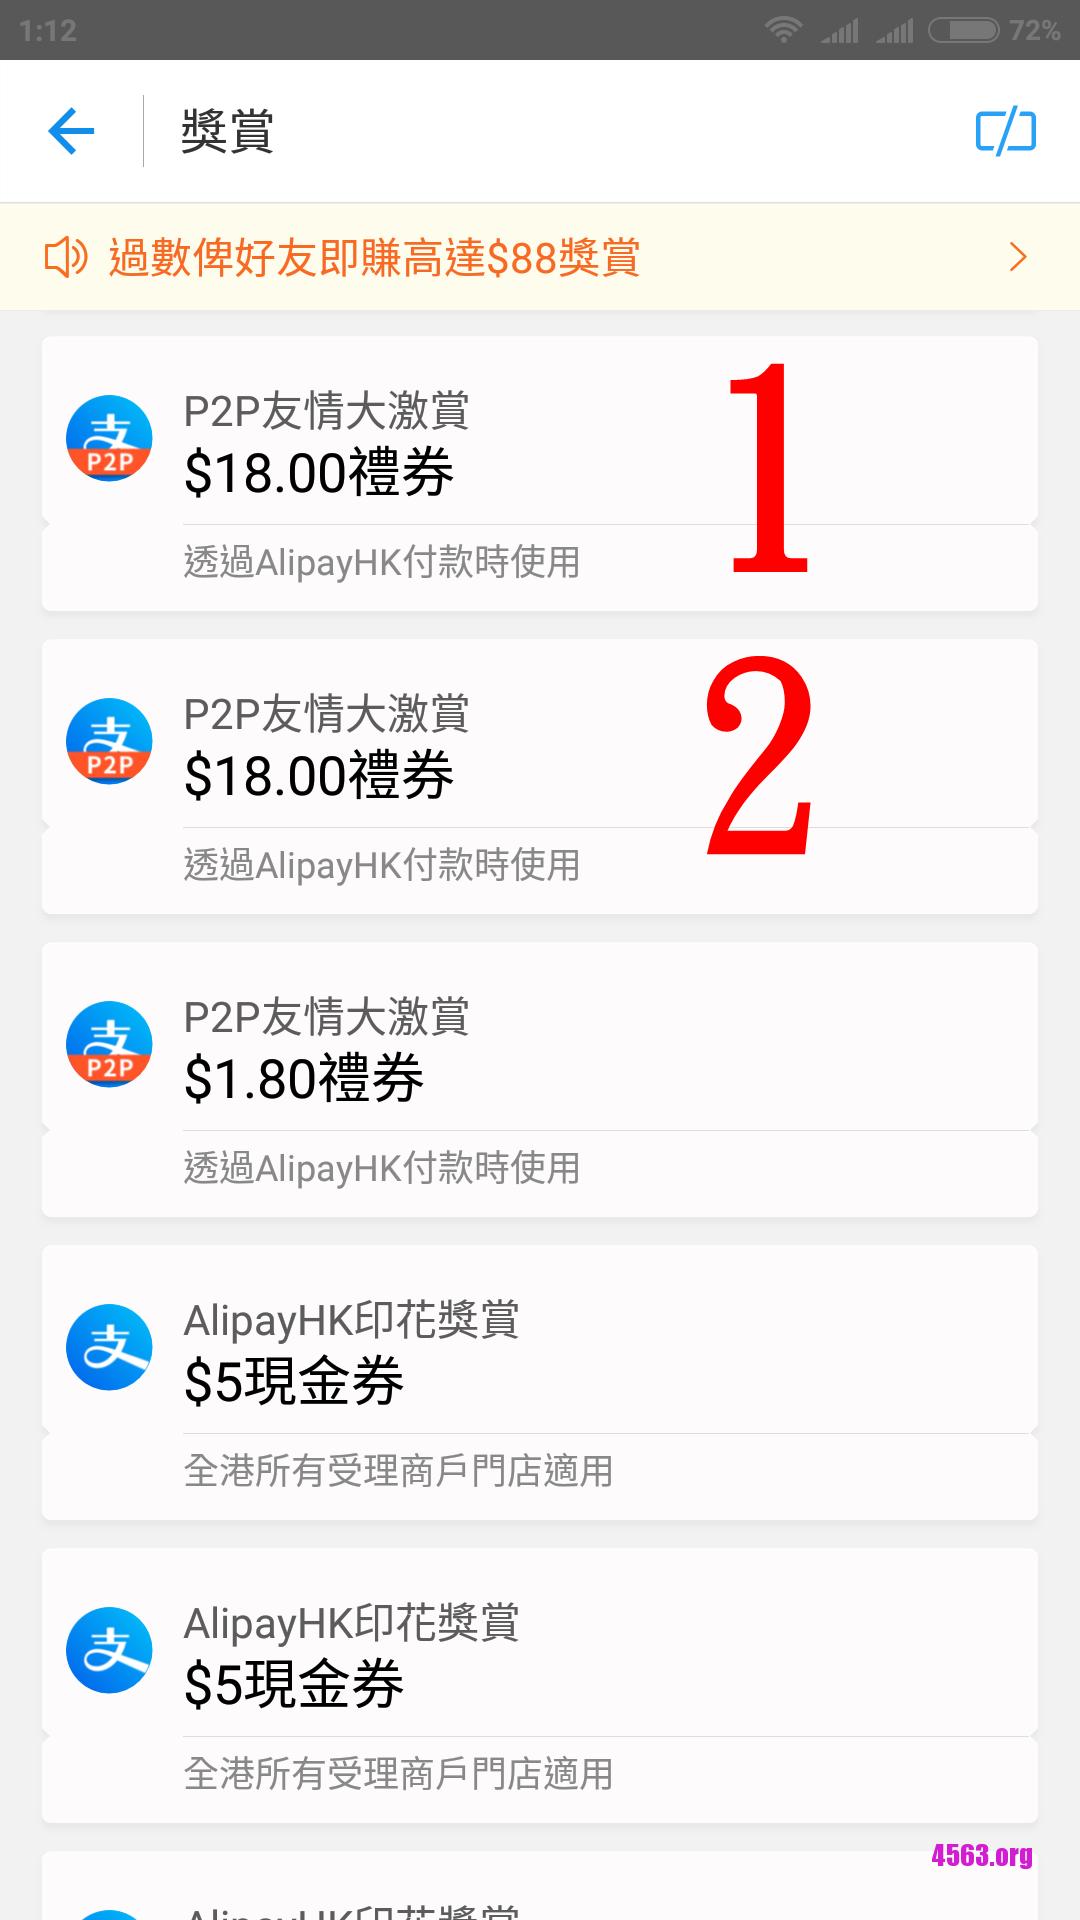 《支付寶HK秀戰績 / 已刷到3個18元禮券》